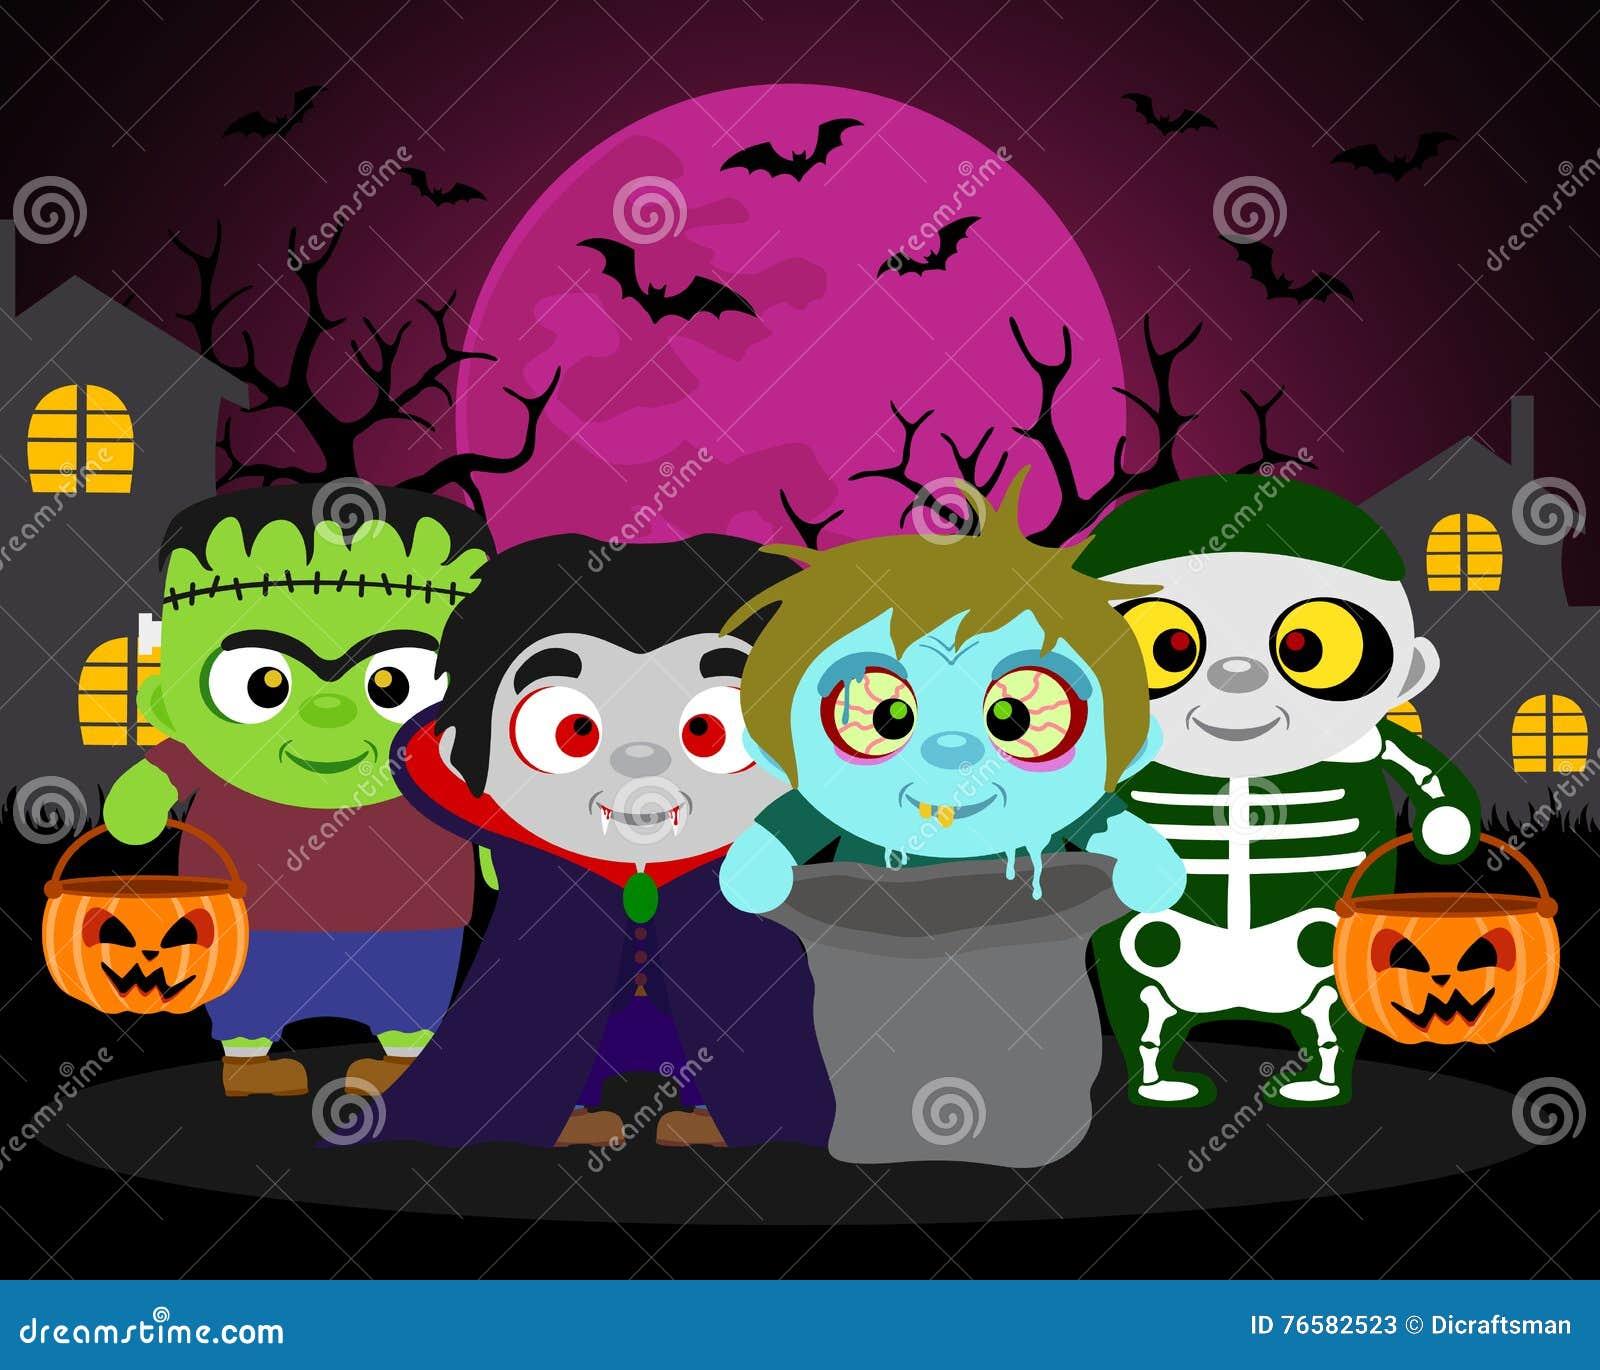 Halloween-Hintergrund Süßes Sonst Gibt\'s Saures Mit Kindern Vektor ...